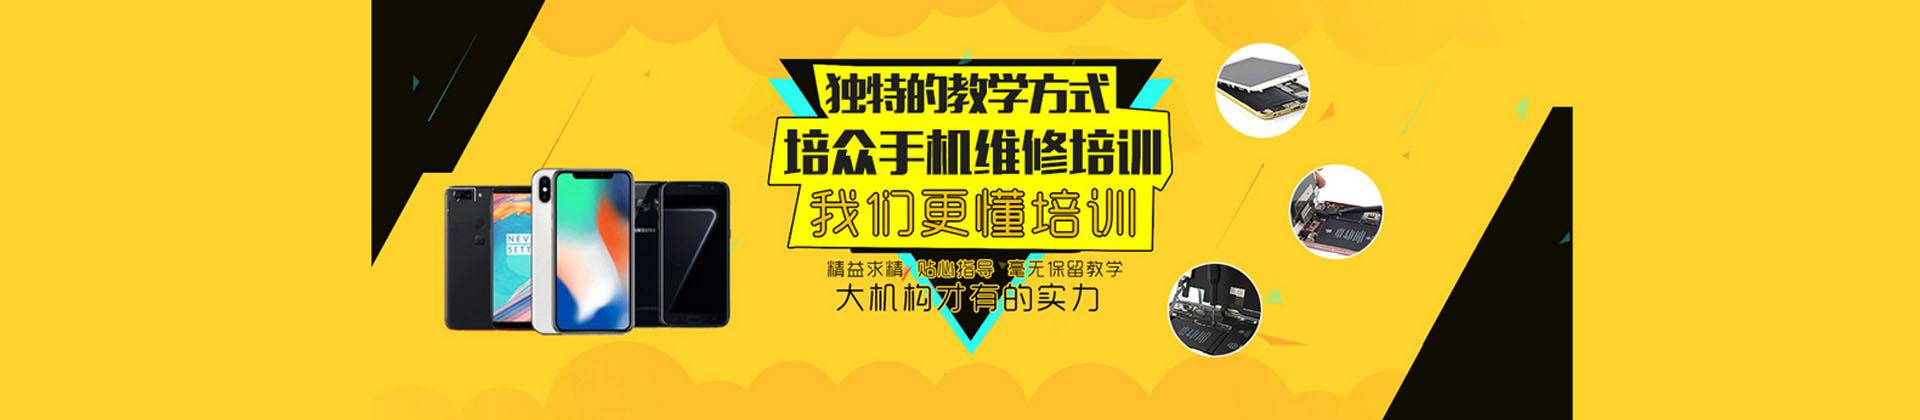 廣州培眾手機維修